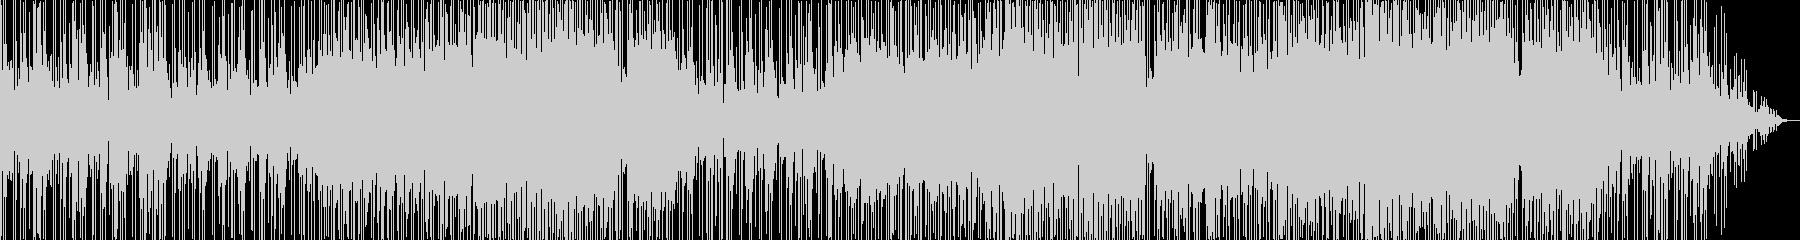 明るく軽快なシャッフルバラードの未再生の波形